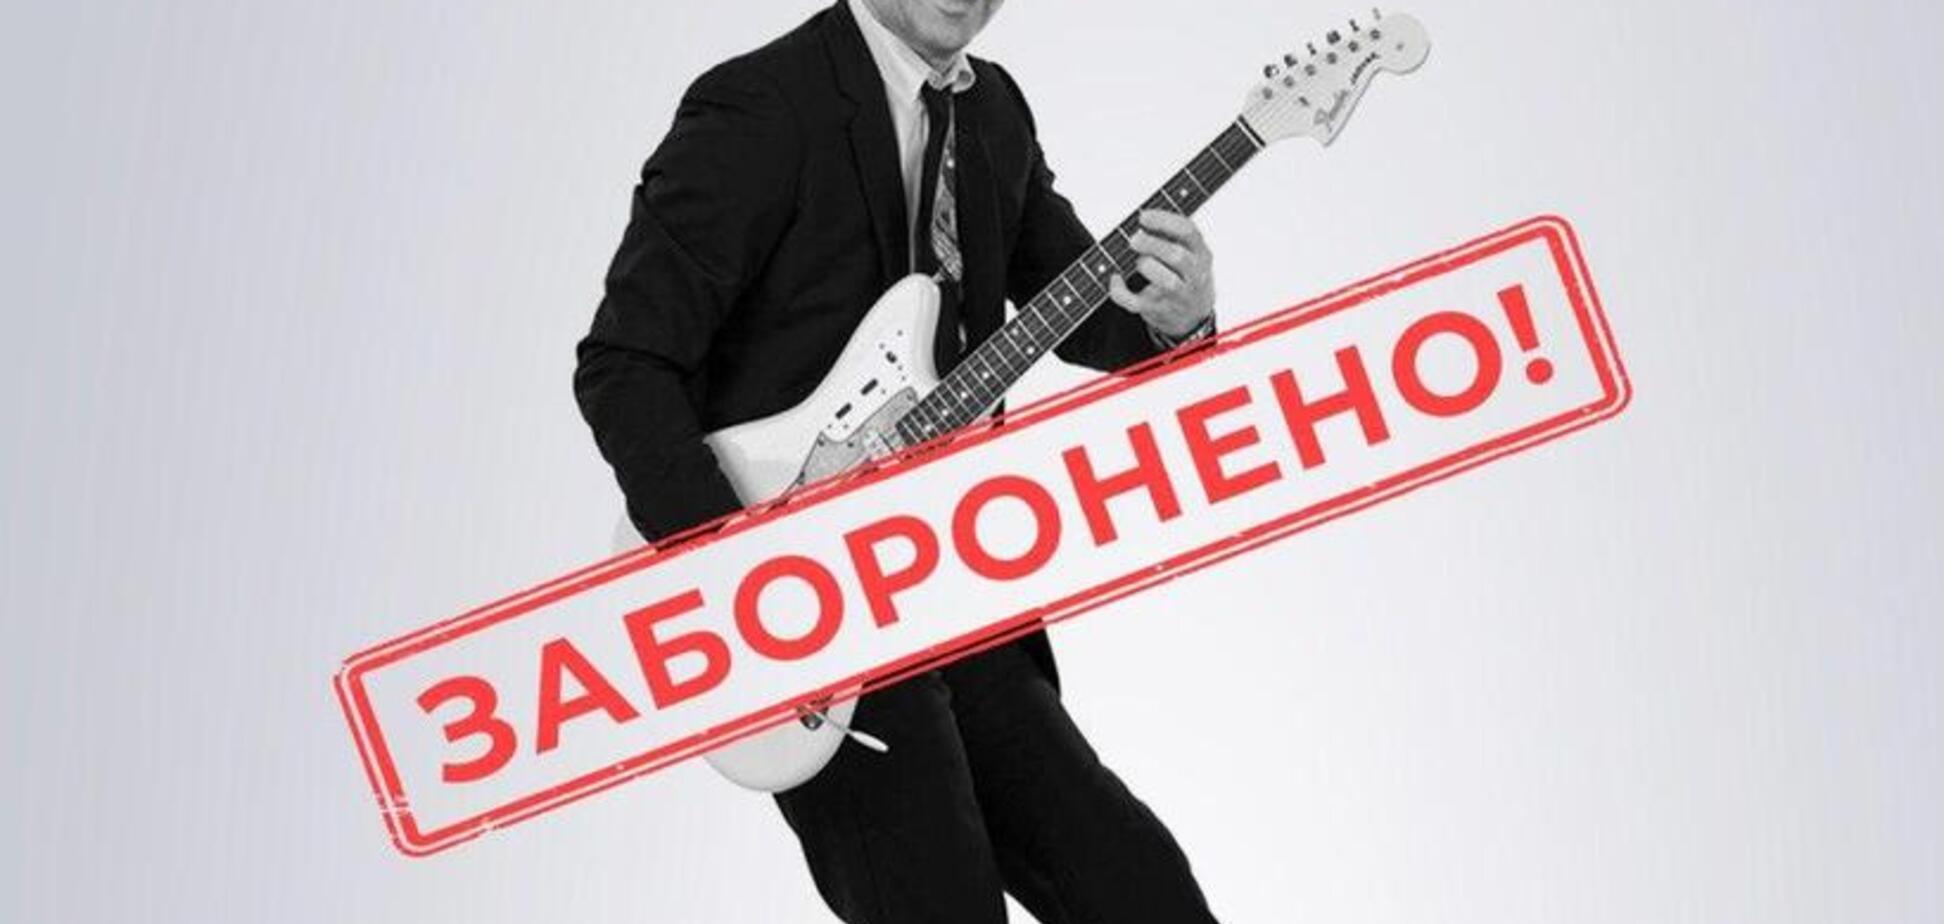 Російському співаку-кримнашисту Сюткіну заборонили в'їзд в Україну: що відомо